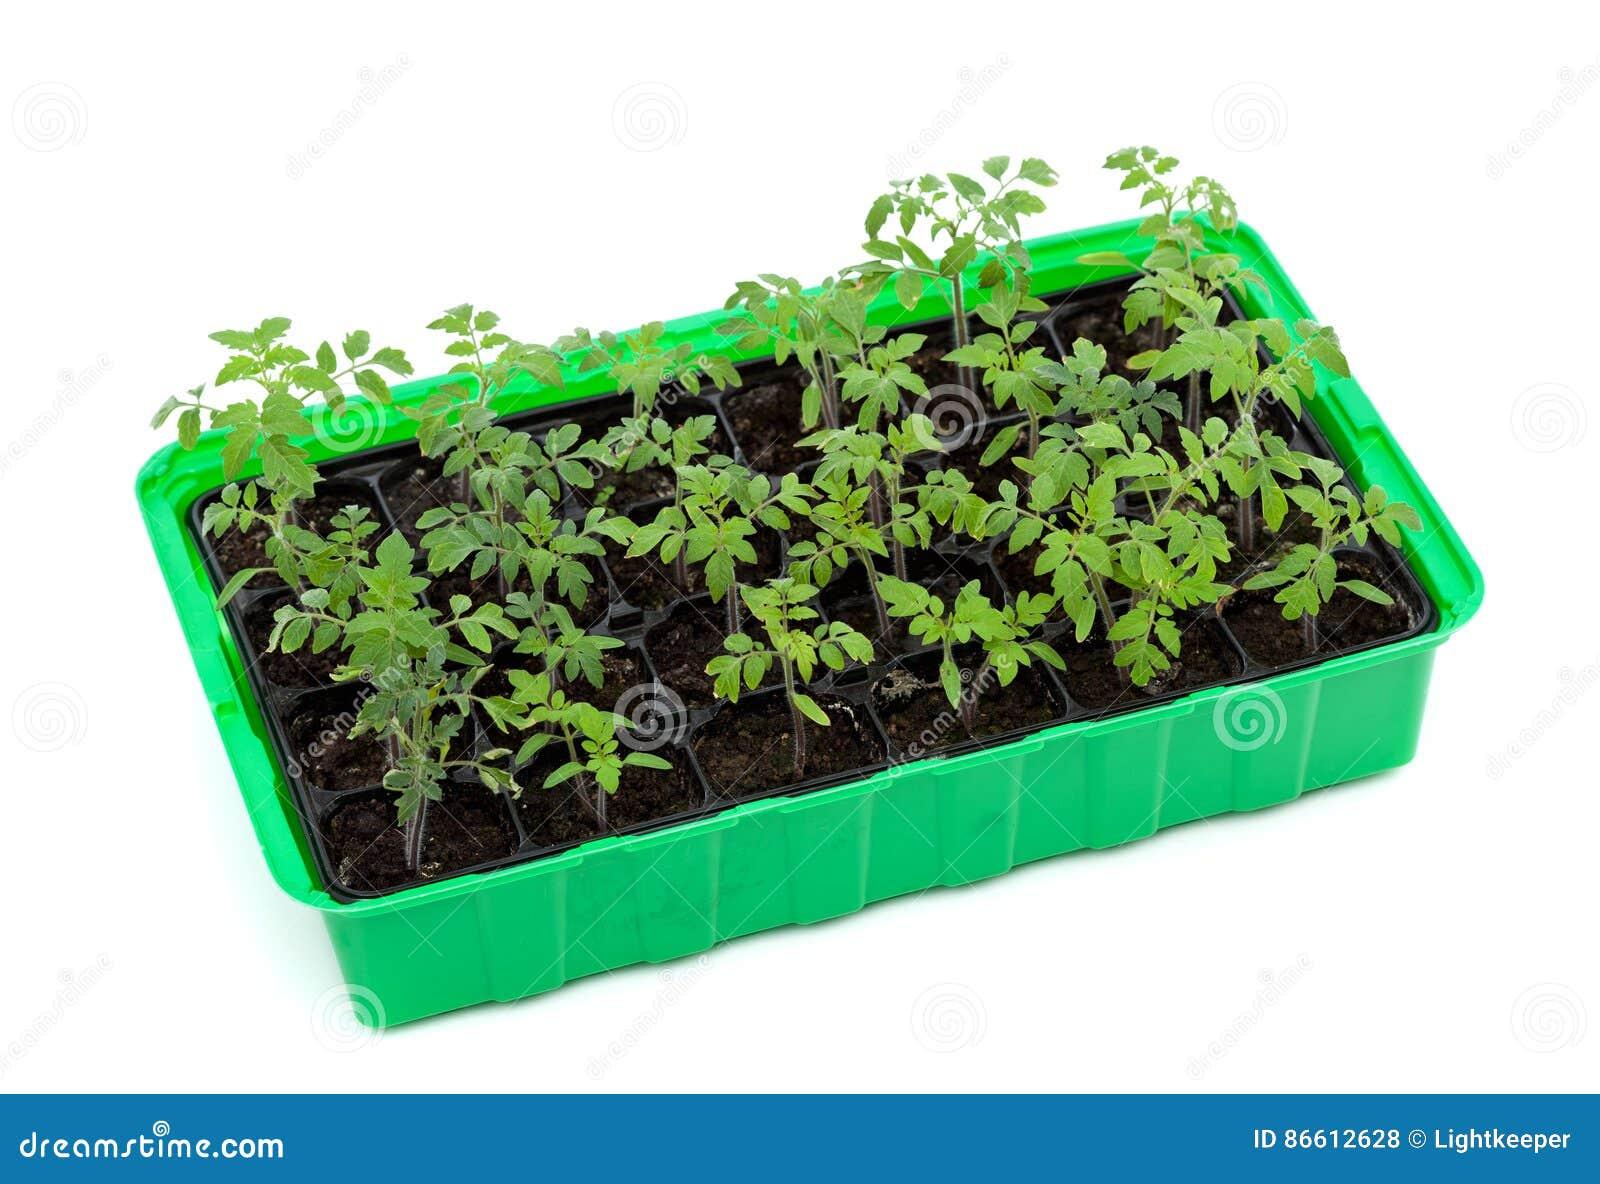 Kiełkowanie taca sadzonkowa pomidorowa